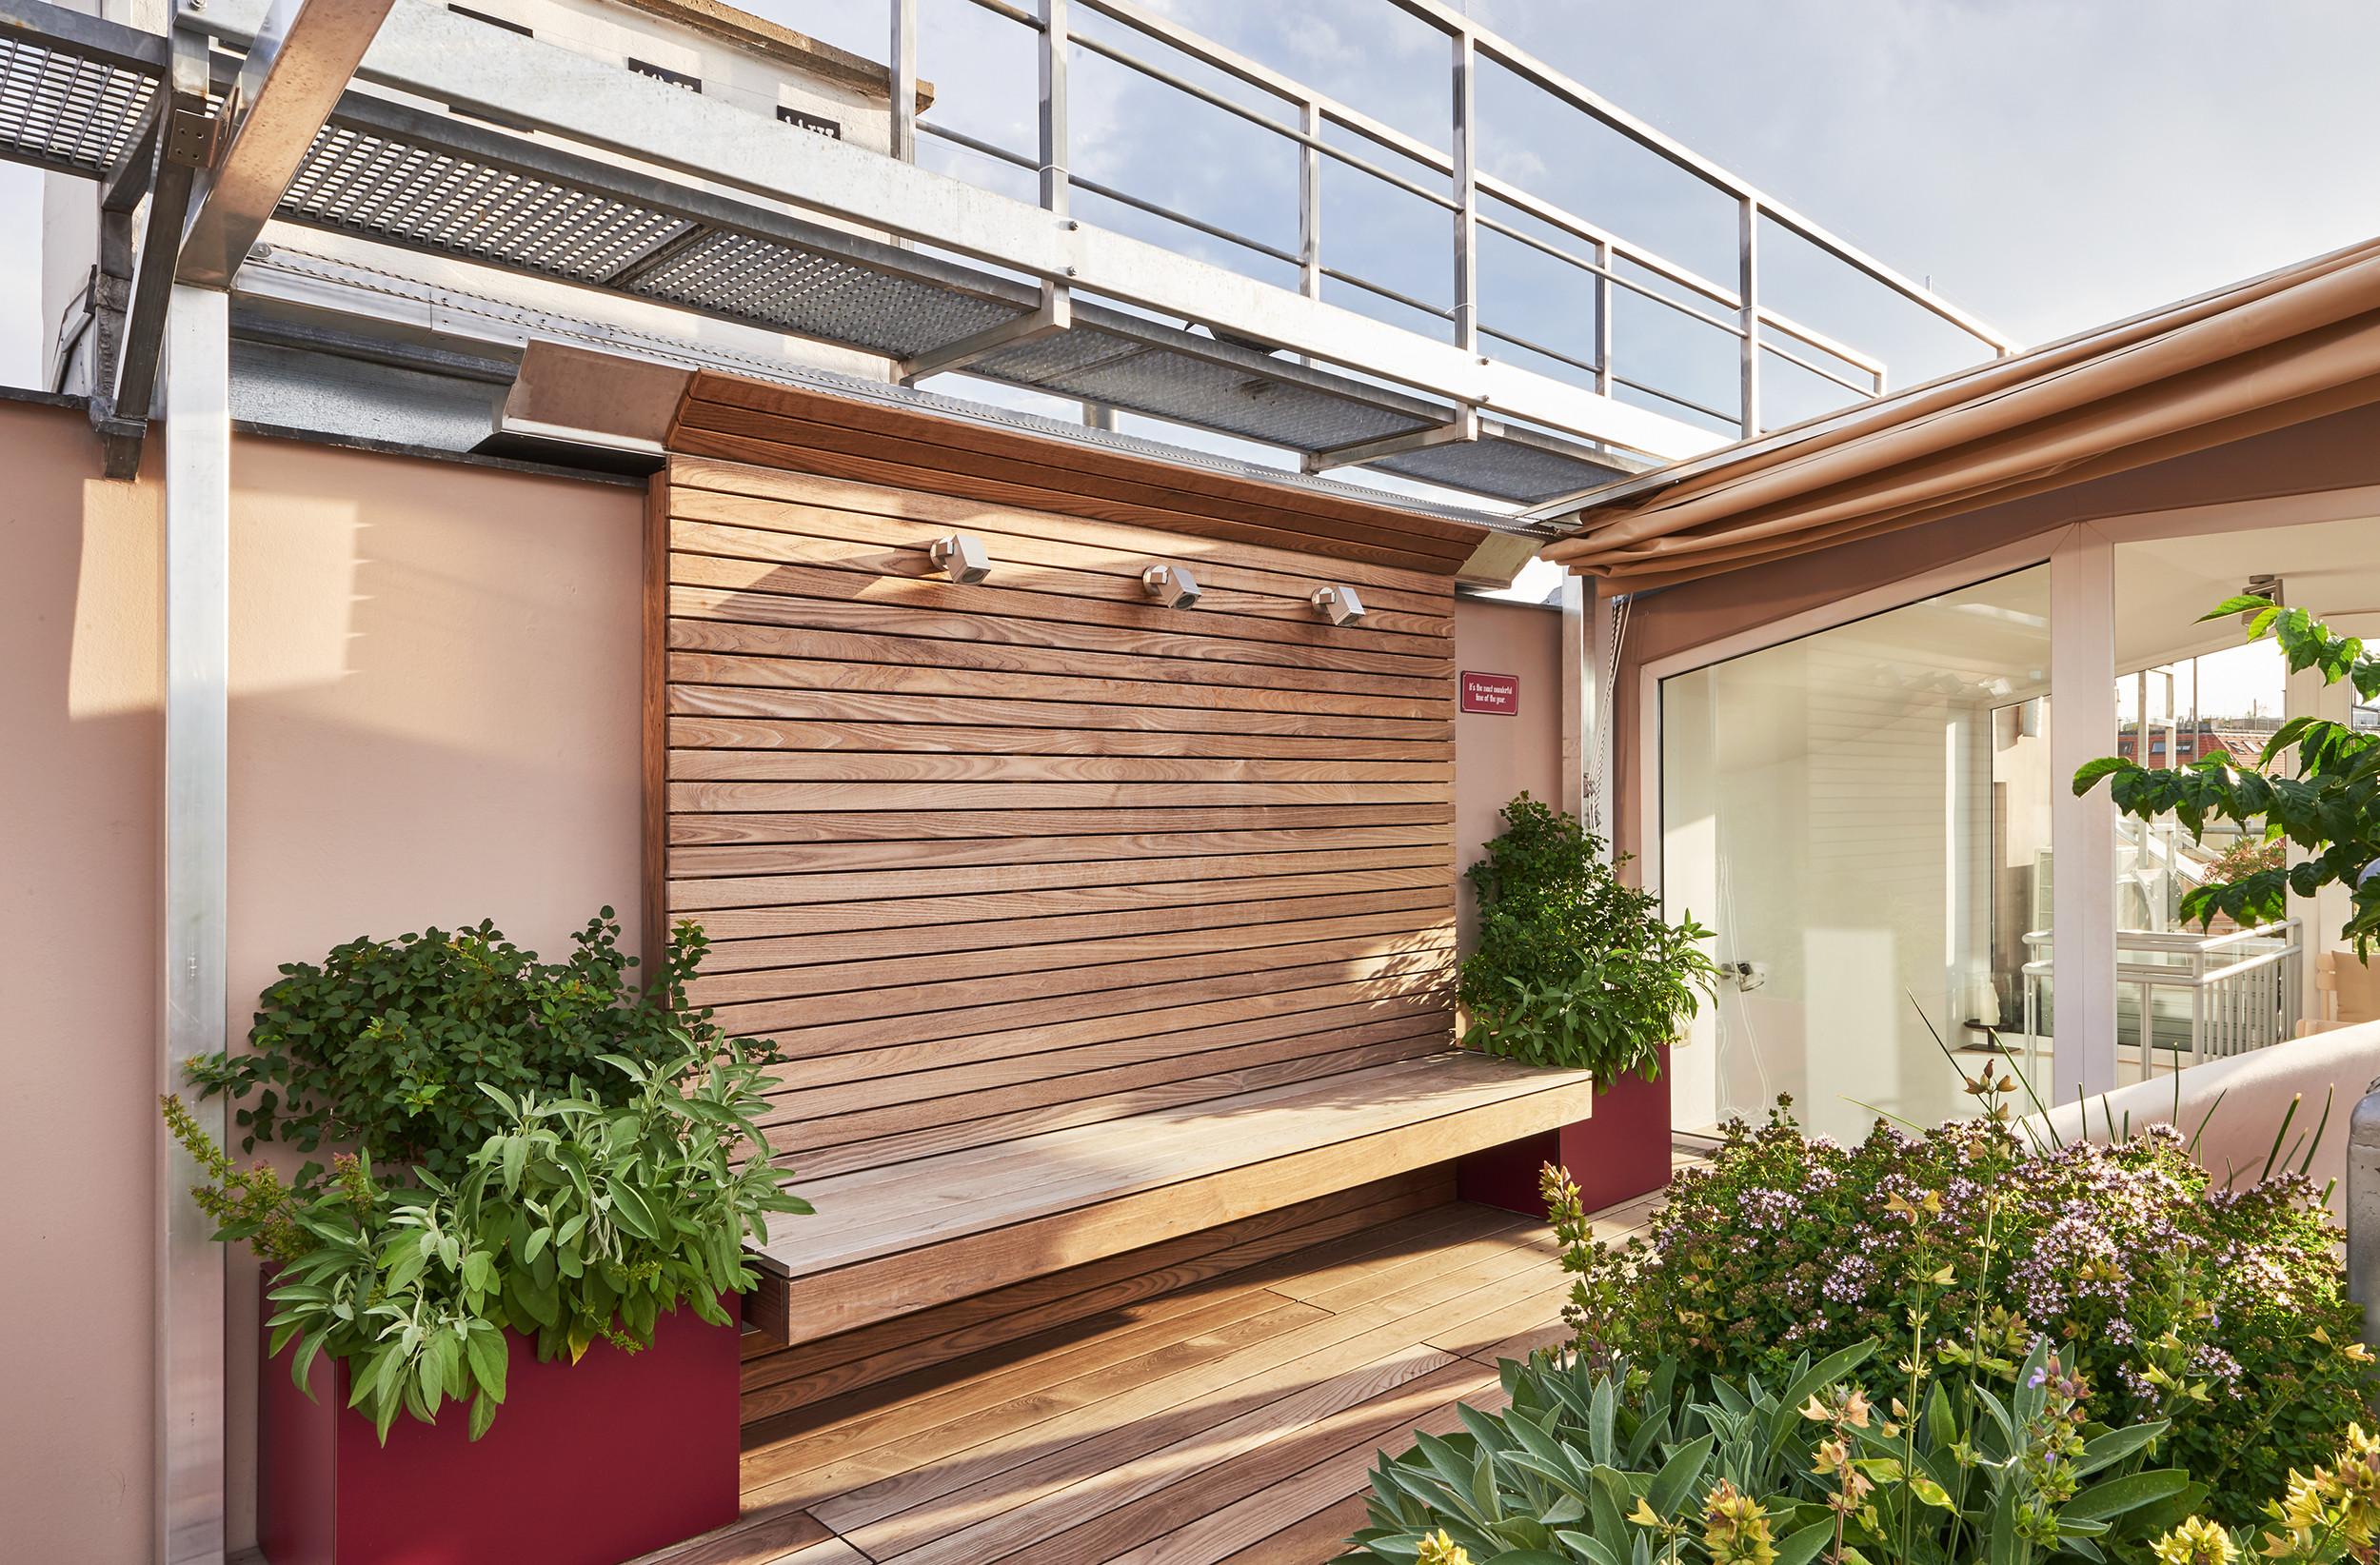 Sehenswerte Fassaden 20 Ideen für Terrassenwände